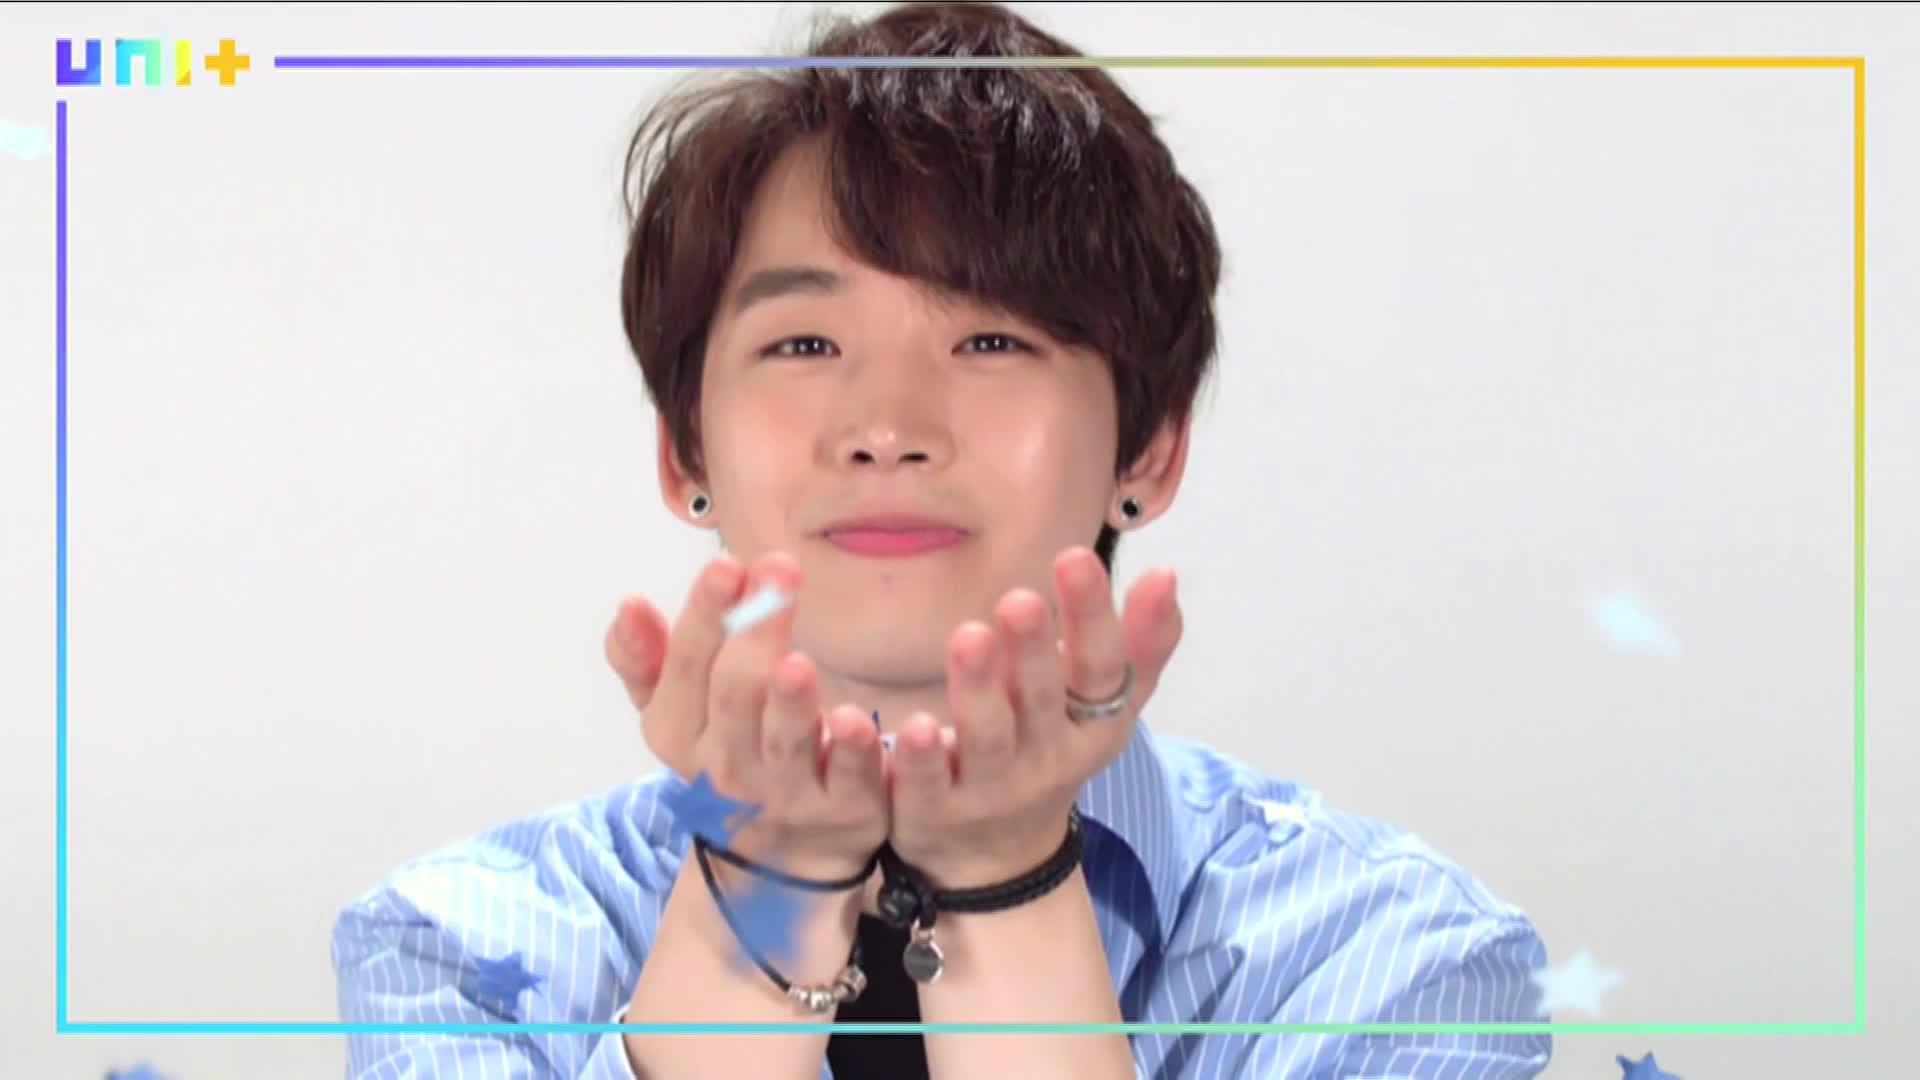 [더 유닛] 슈퍼슬로우 개인별 티저 07 (The Unit - Superslow individual teaser 07)